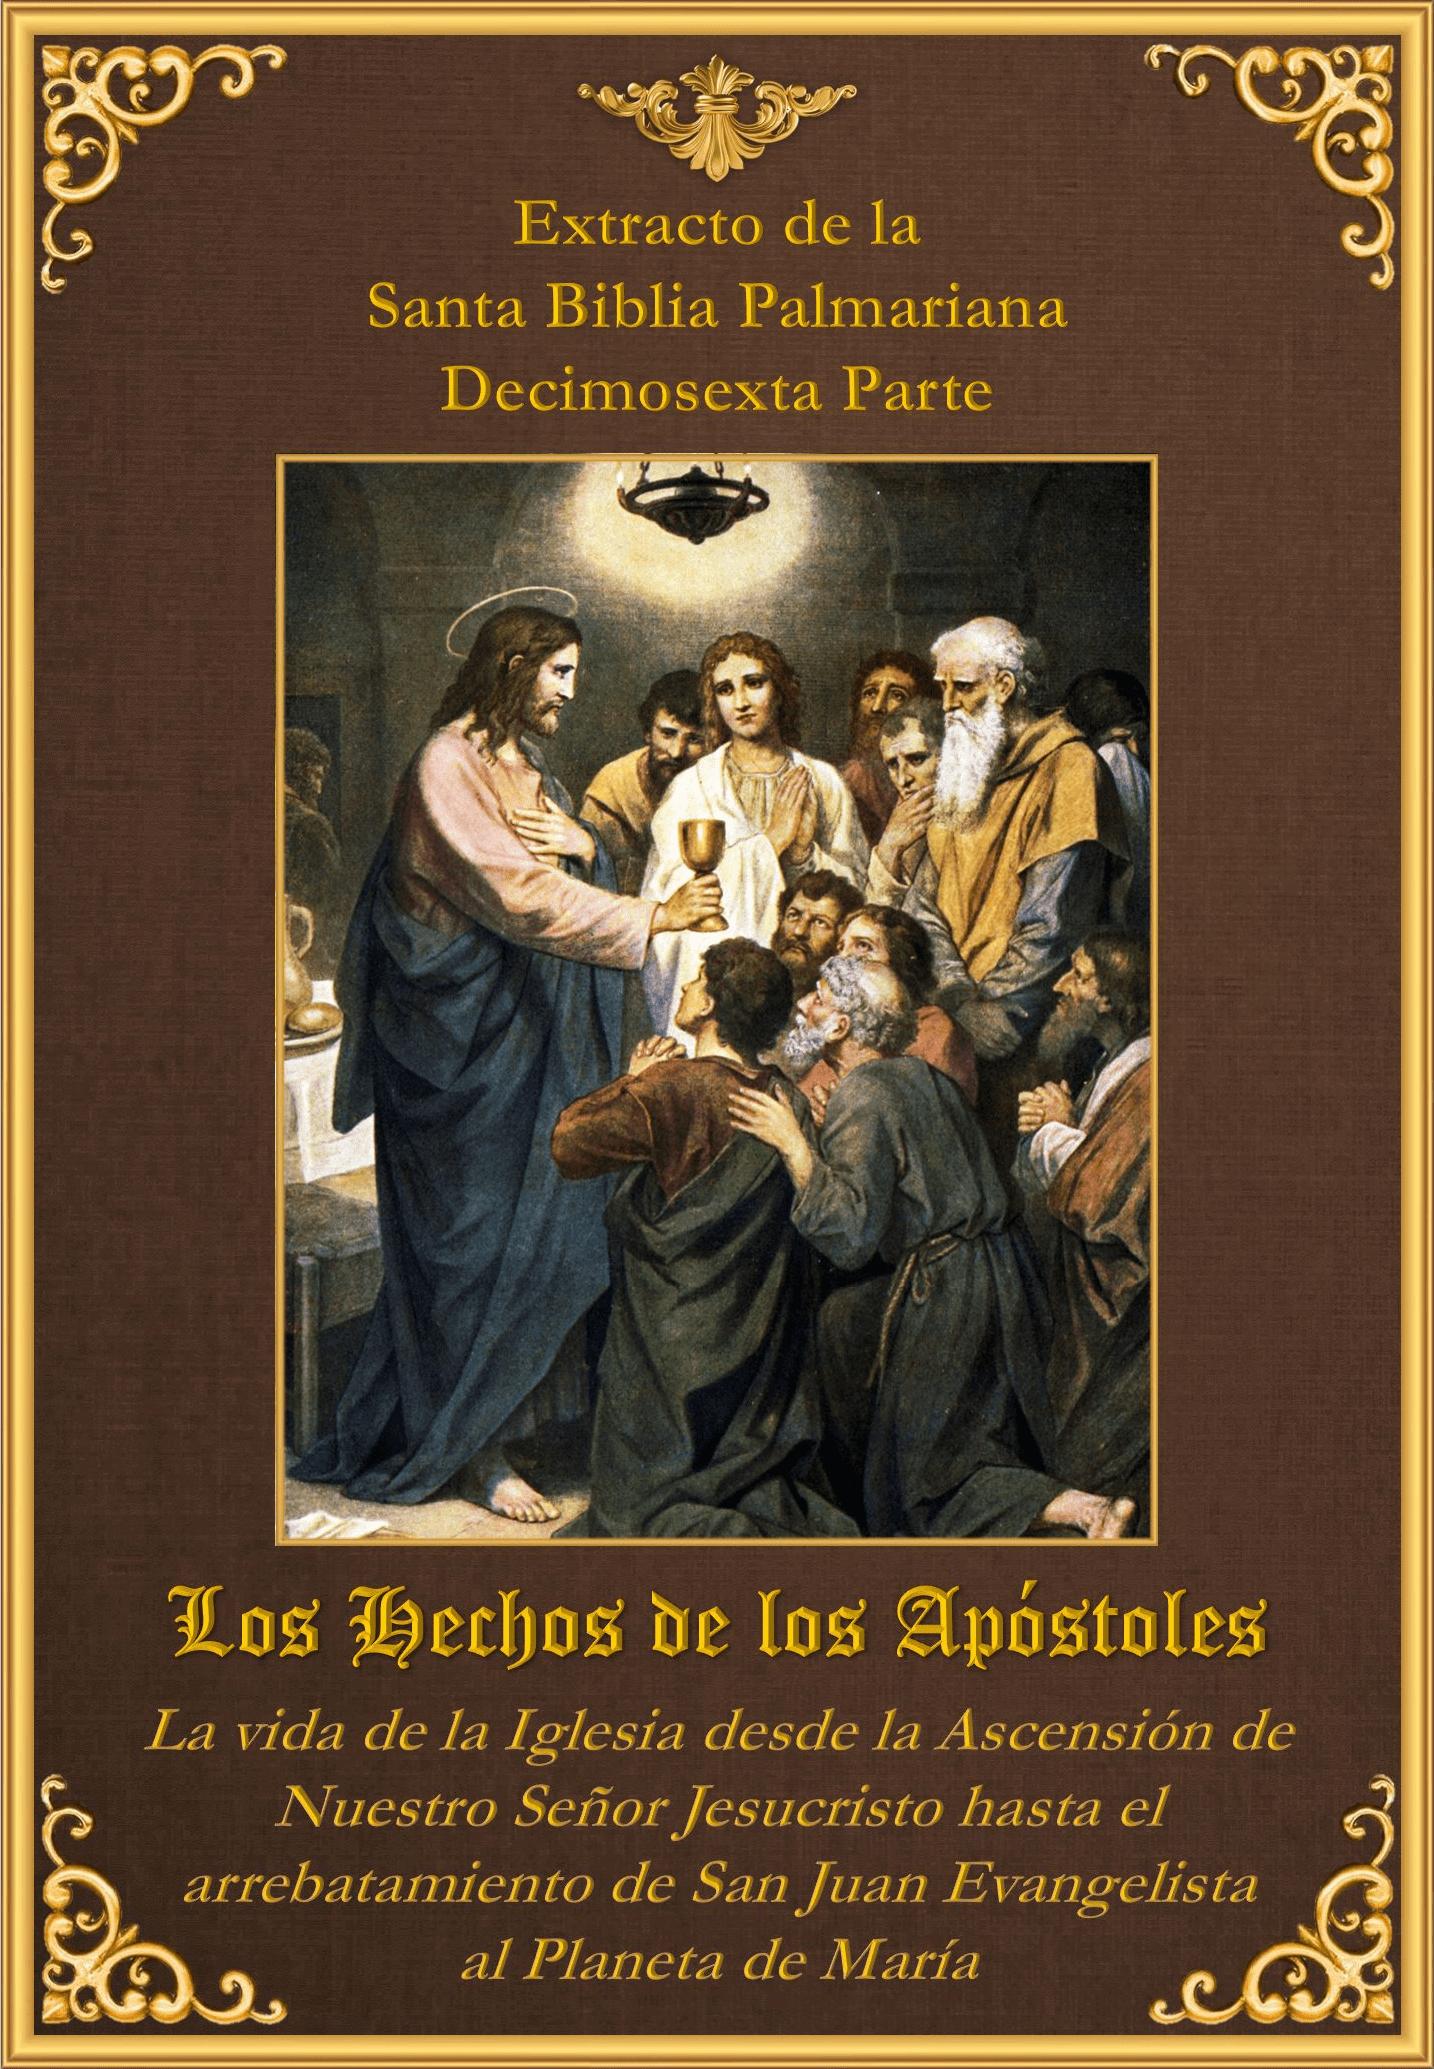 """<a href=""""/wp-content/uploads/2019/06/Los-Hechos-de-los-Apóstoles.pdf"""" title=""""Los Hechos de los Apóstoles"""">Los Hechos de los Apóstoles<br><br>Ver mais"""